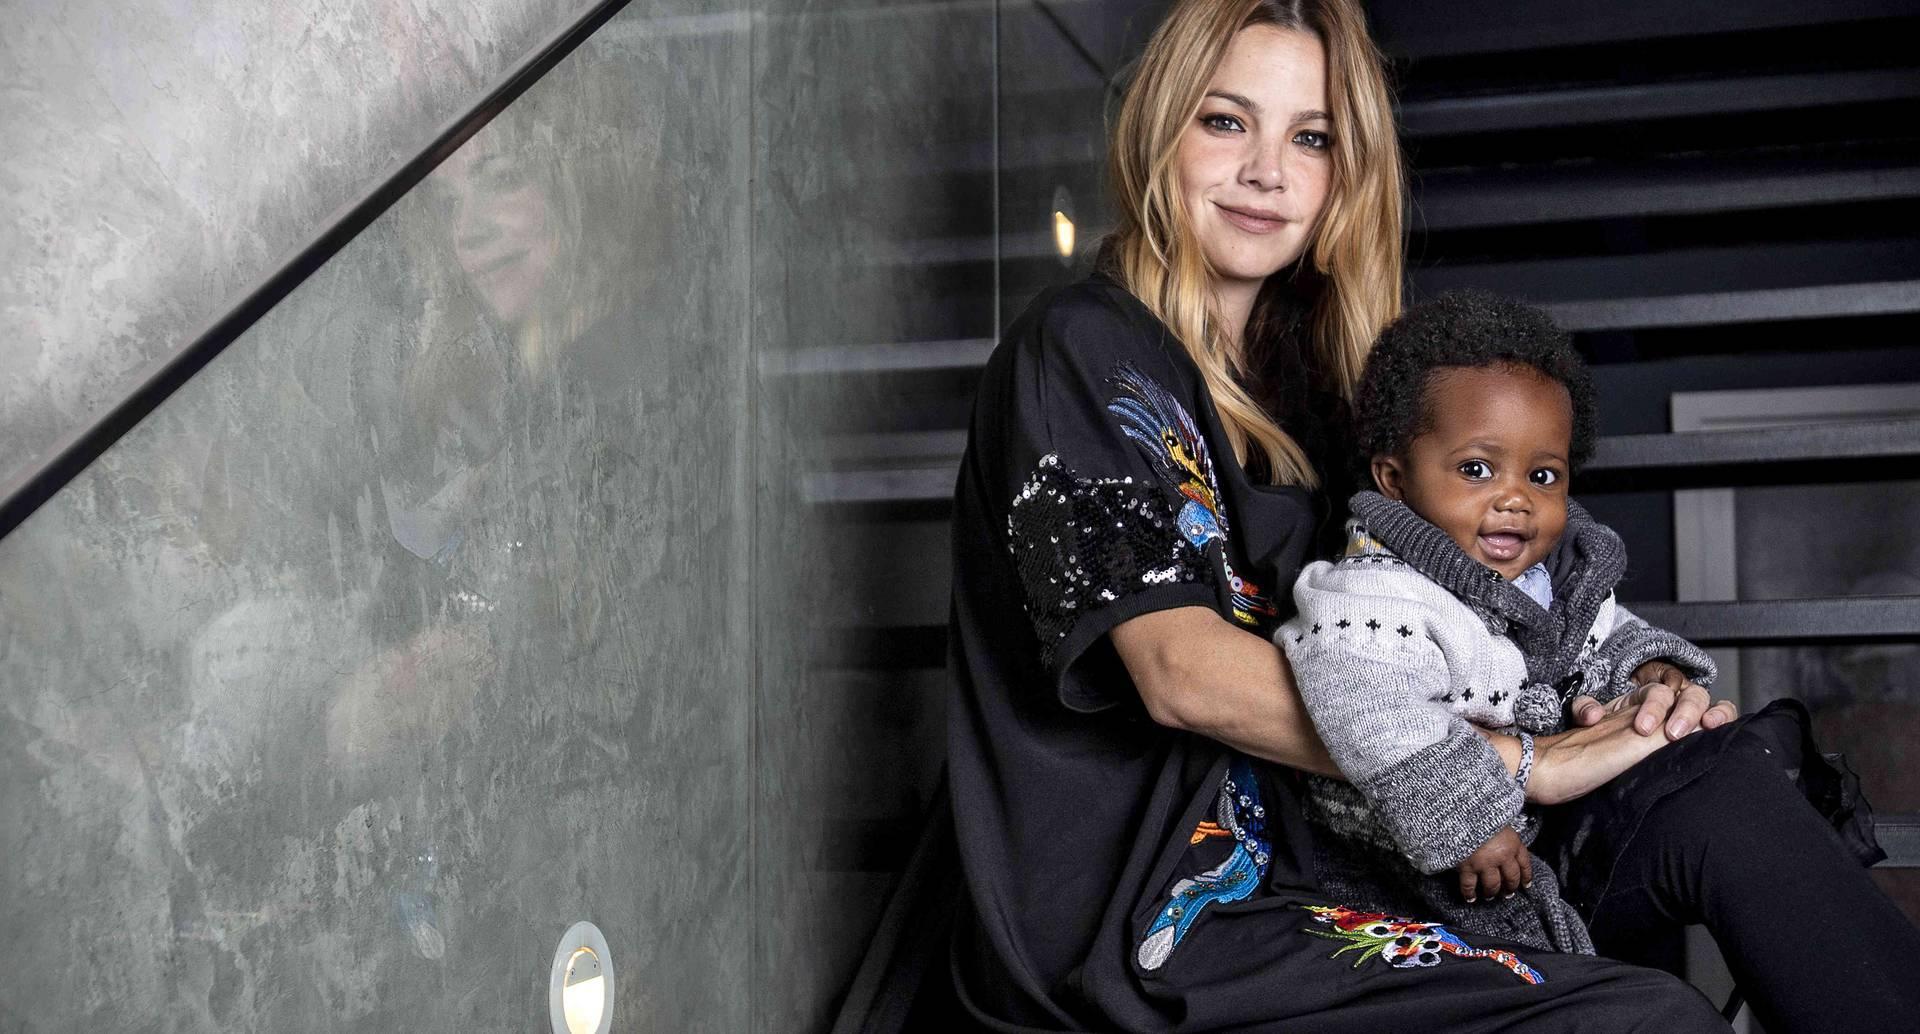 La misión que Johana siente que llegó con esta niña es dar a conocer la realidad de muchas madres reclusas.